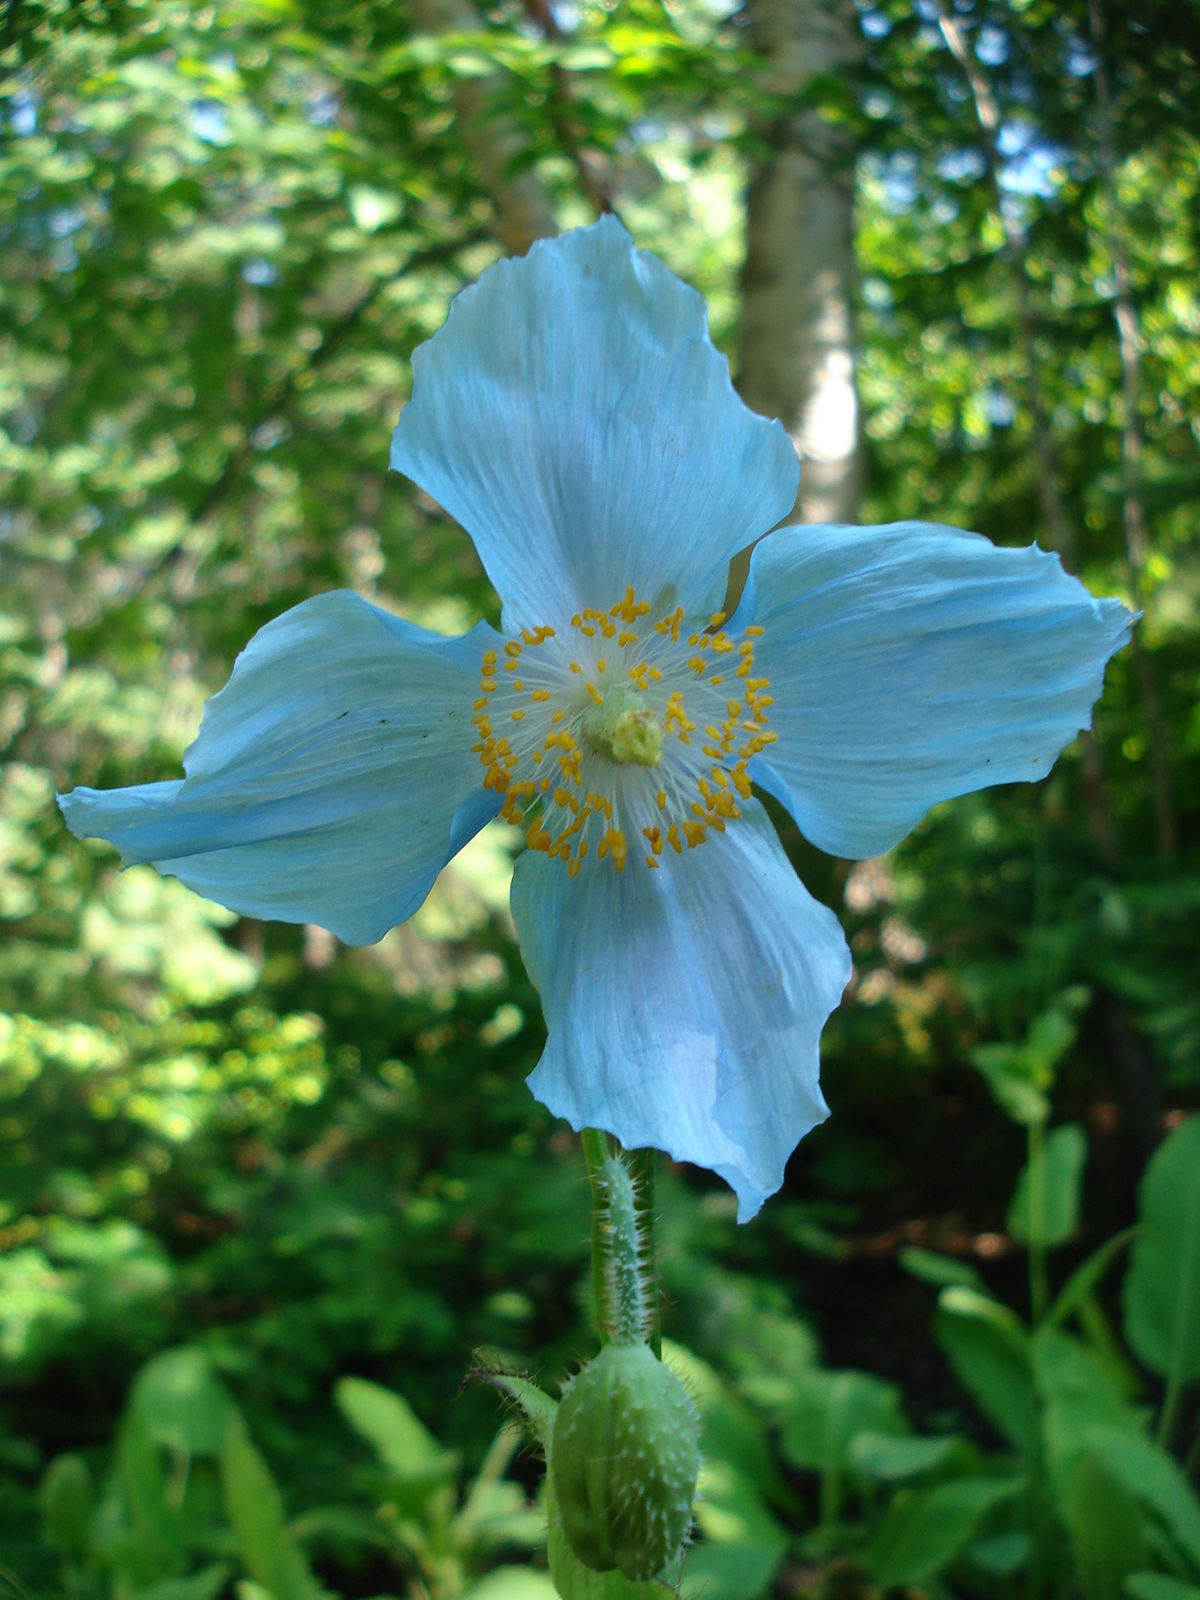 Jardins de m tis wikip dia for Jardin de metis 2016